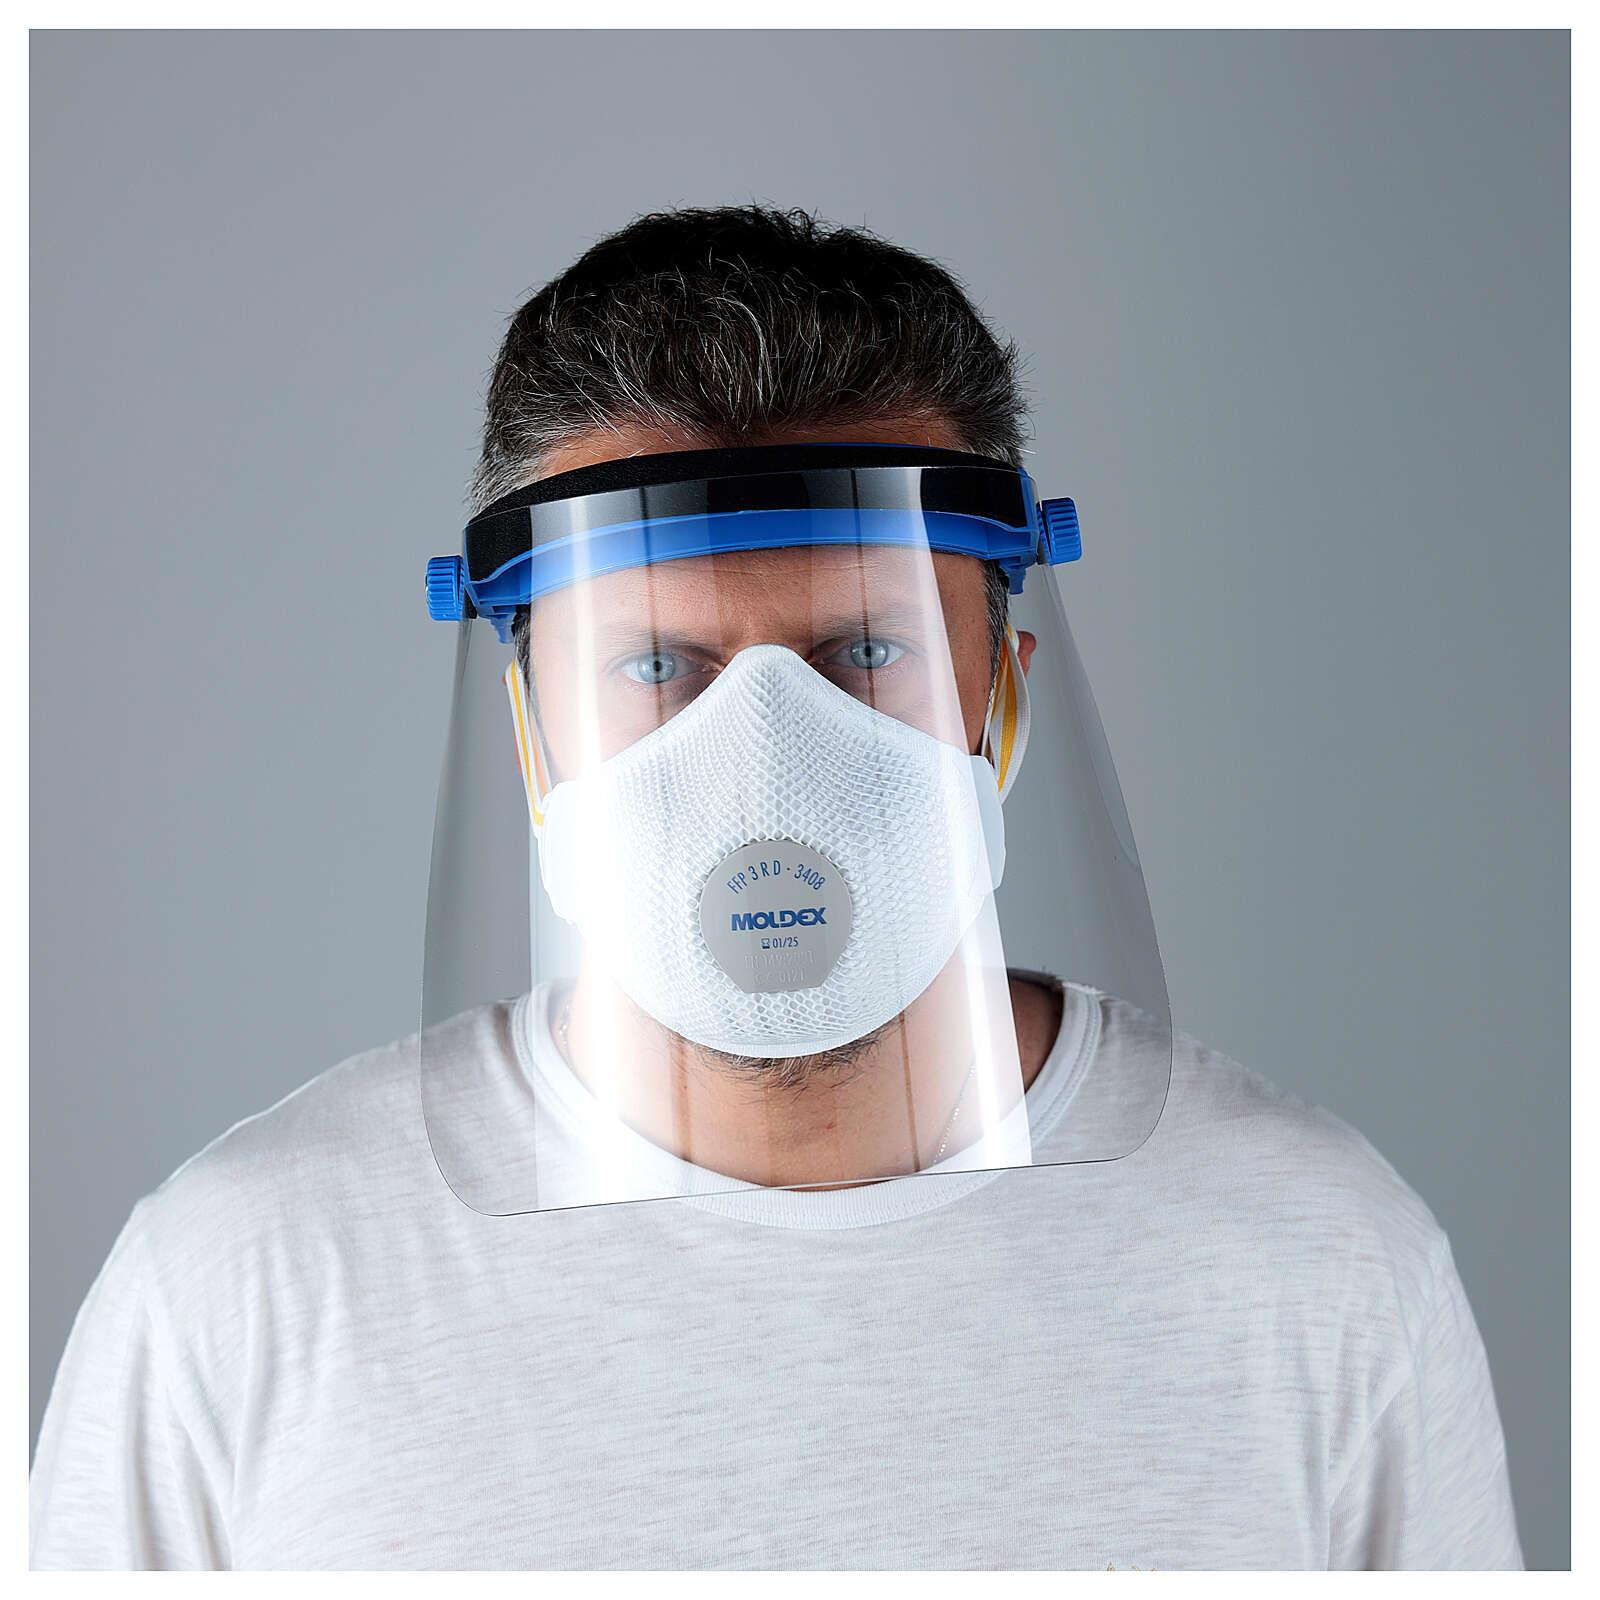 Visera Protectora de plástico transparente anti- contagio 3